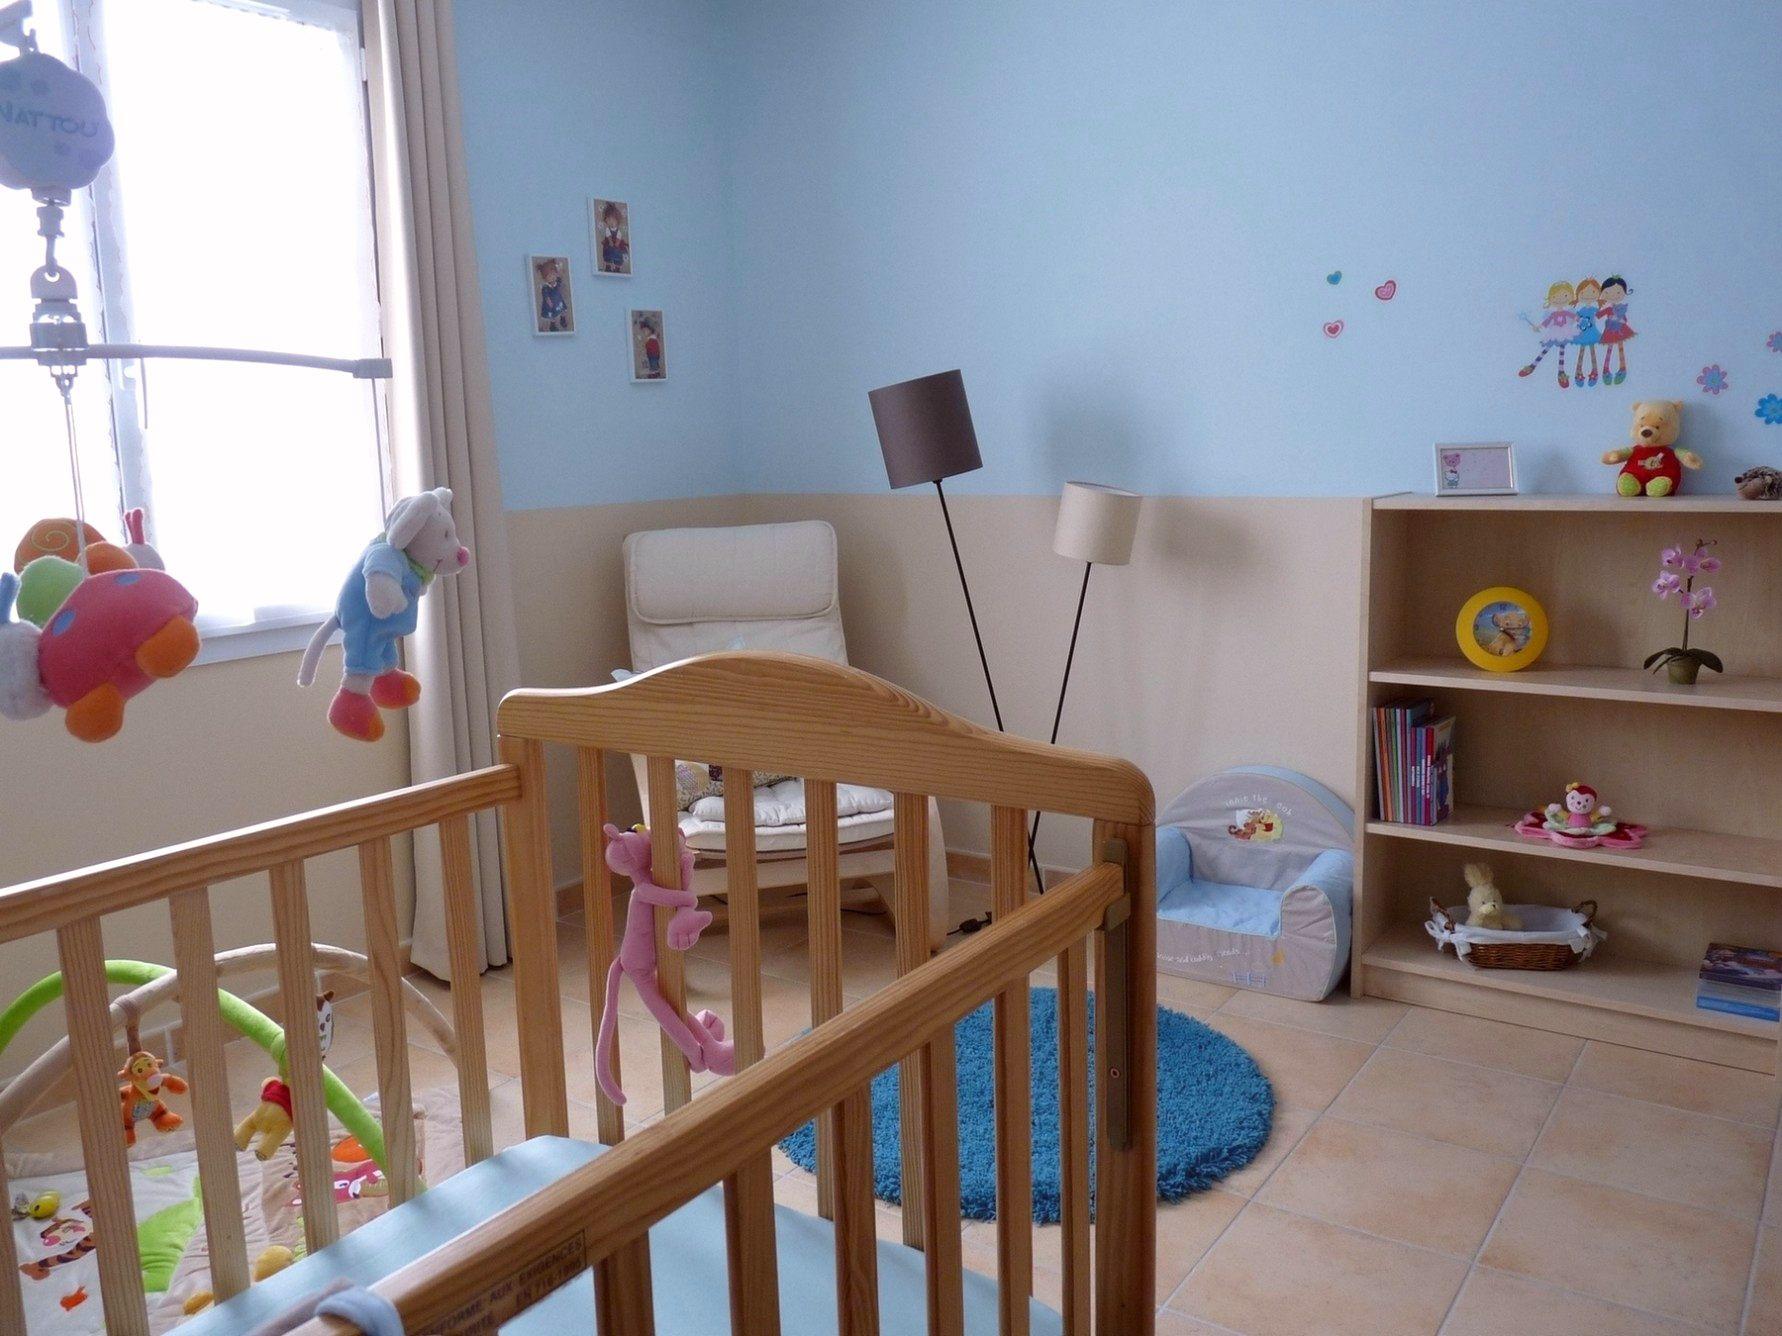 étonnant Chaise Haute Bébé Fille Sur Chambre Bébé Mickey Chaise